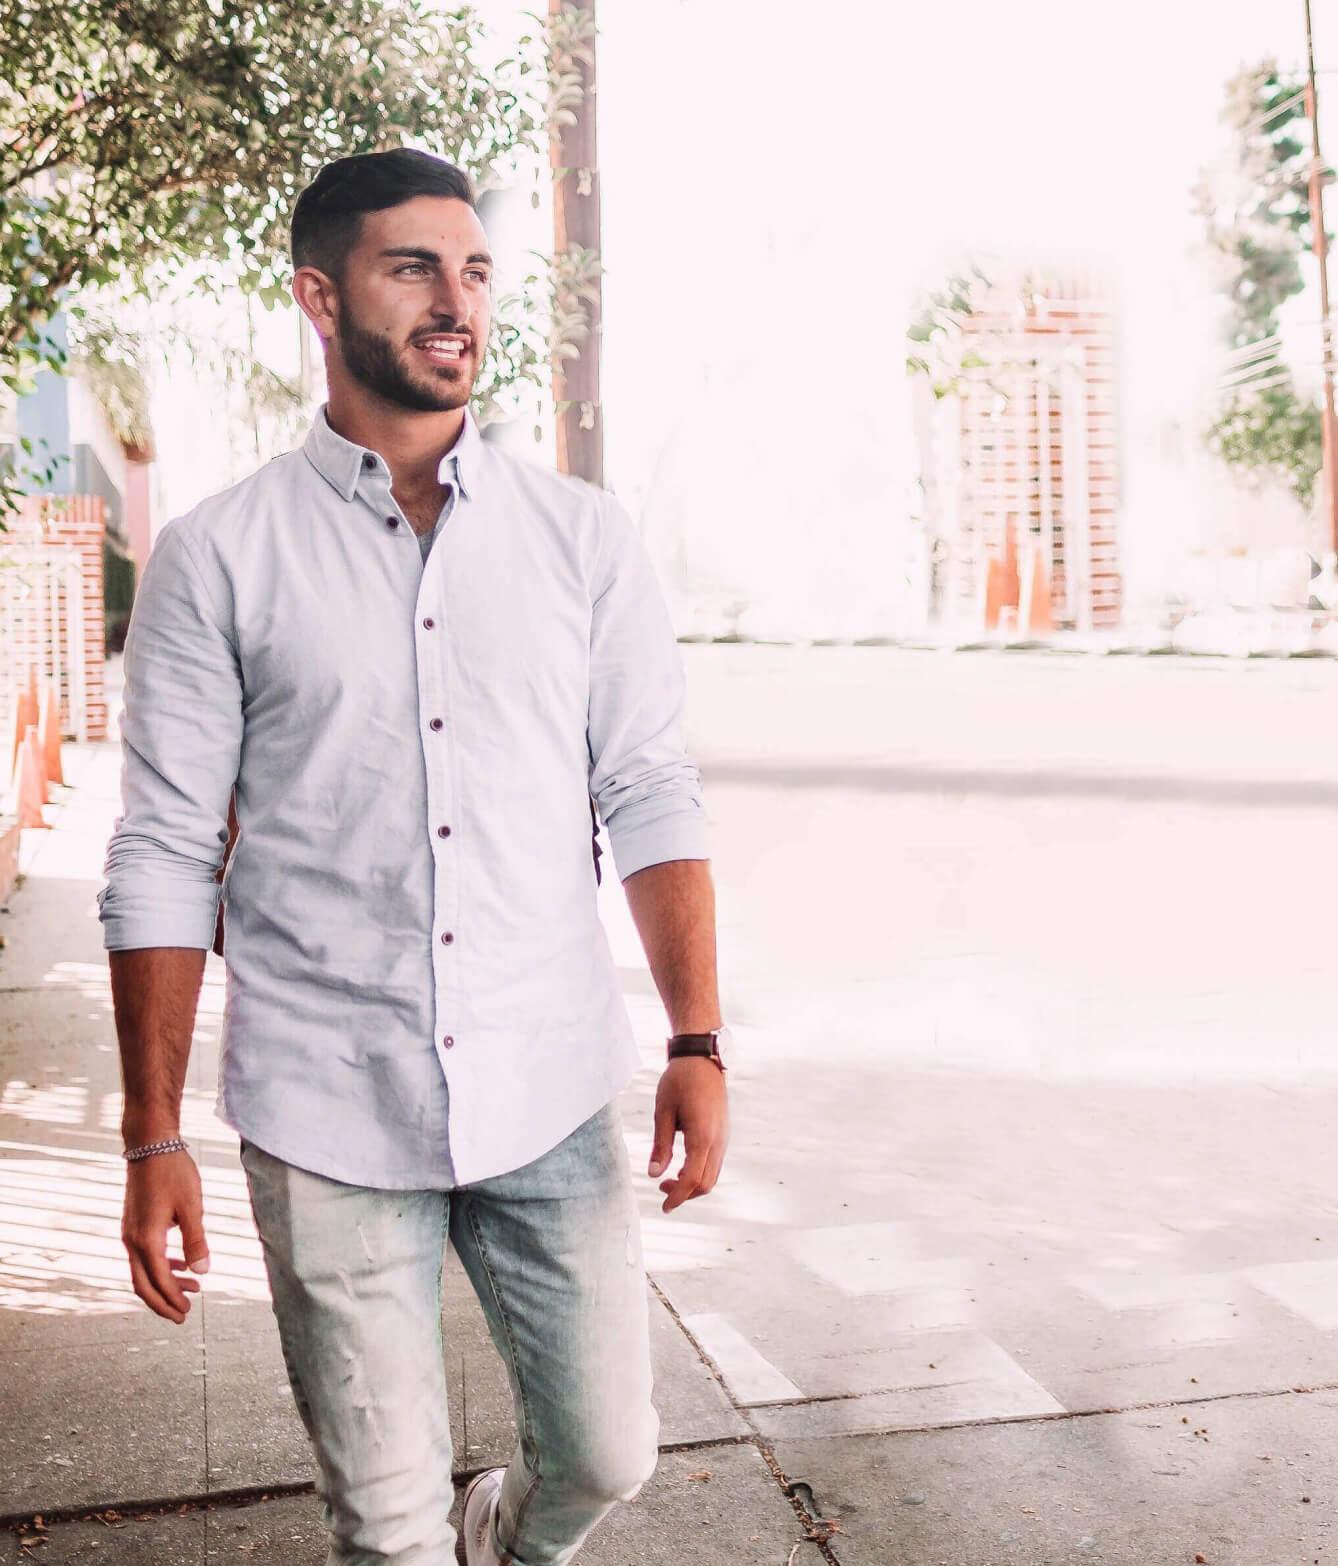 Shot of Zack Honarvar walking on street.